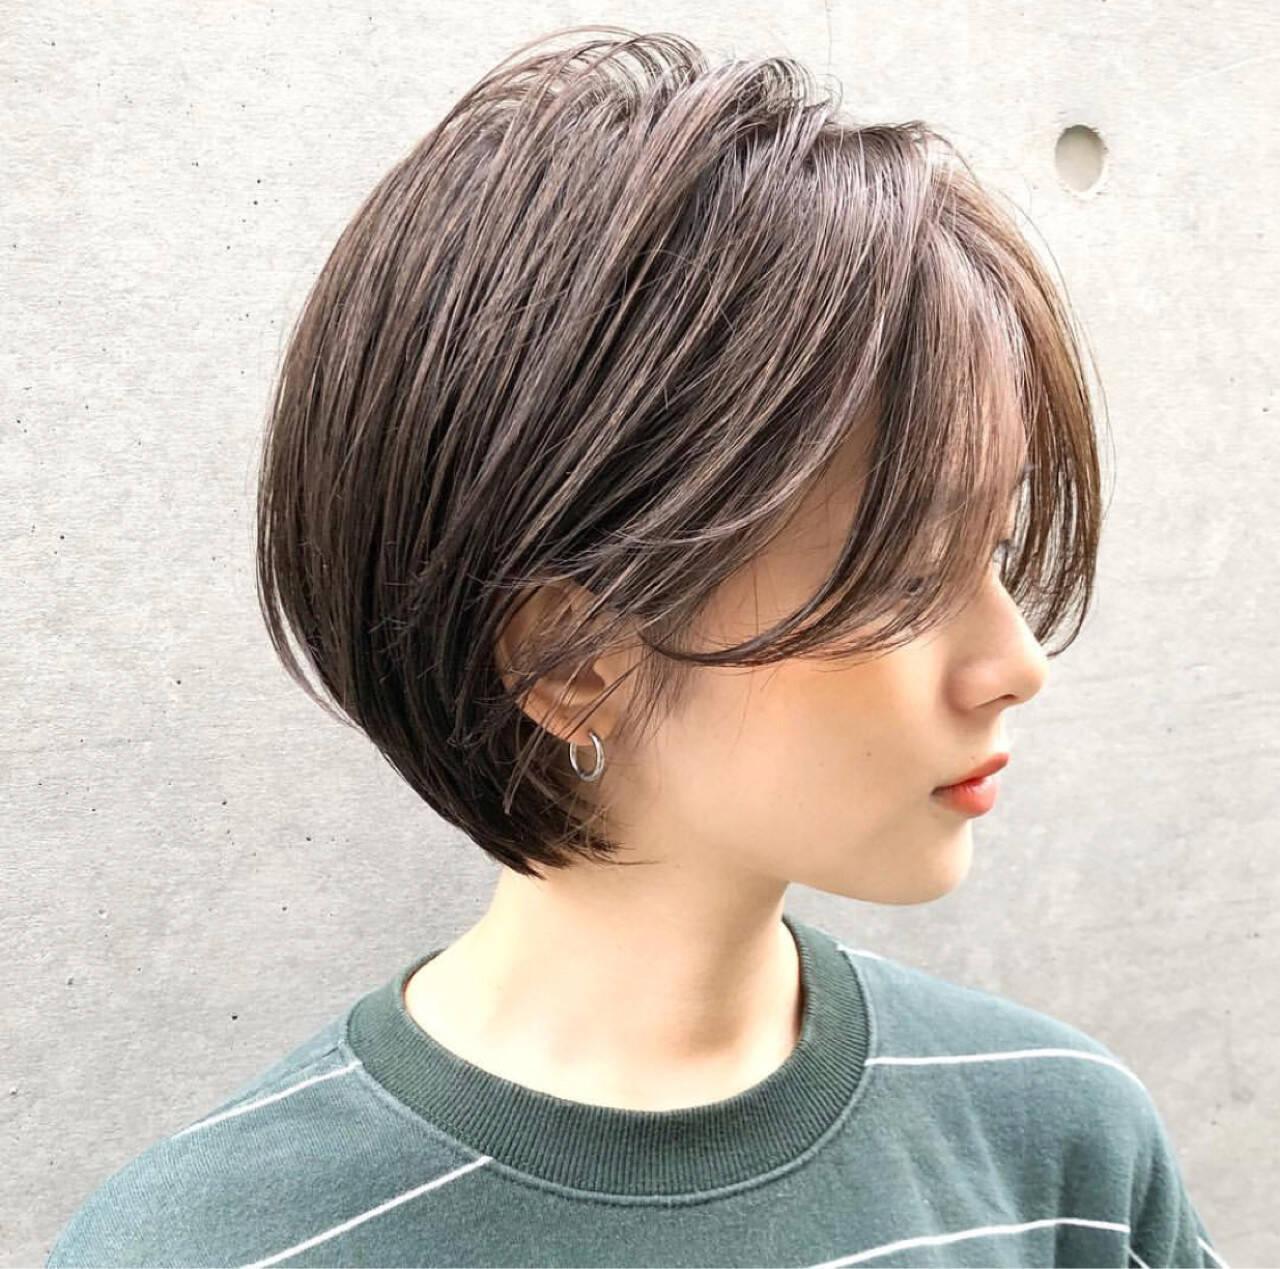 スポーツ ヘアアレンジ ショート 簡単ヘアアレンジヘアスタイルや髪型の写真・画像